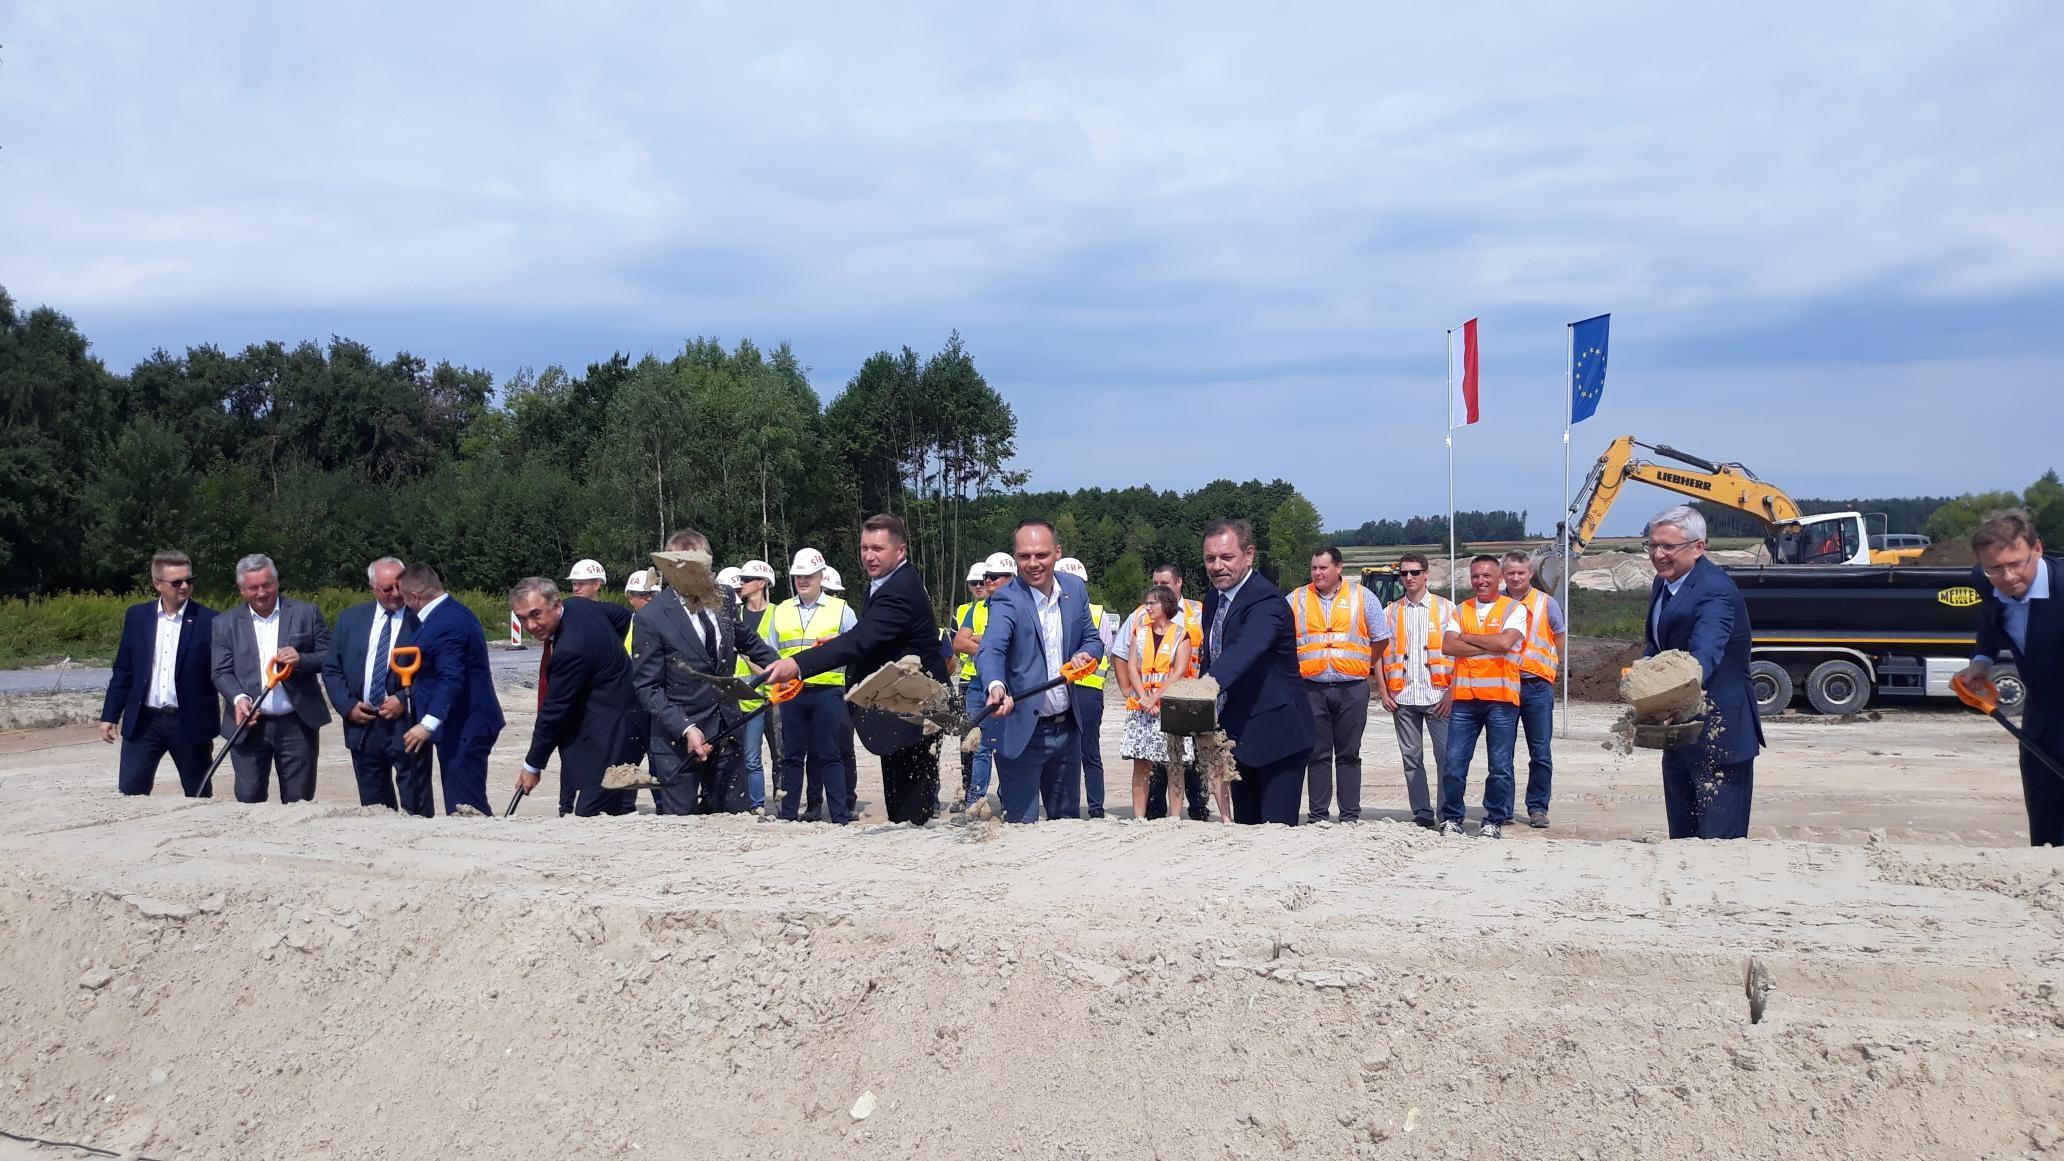 Uroczyste wkopanie łopaty oficjalnie rozpoczęło inwestycję (fot. Ministerstwo Infrastruktury)